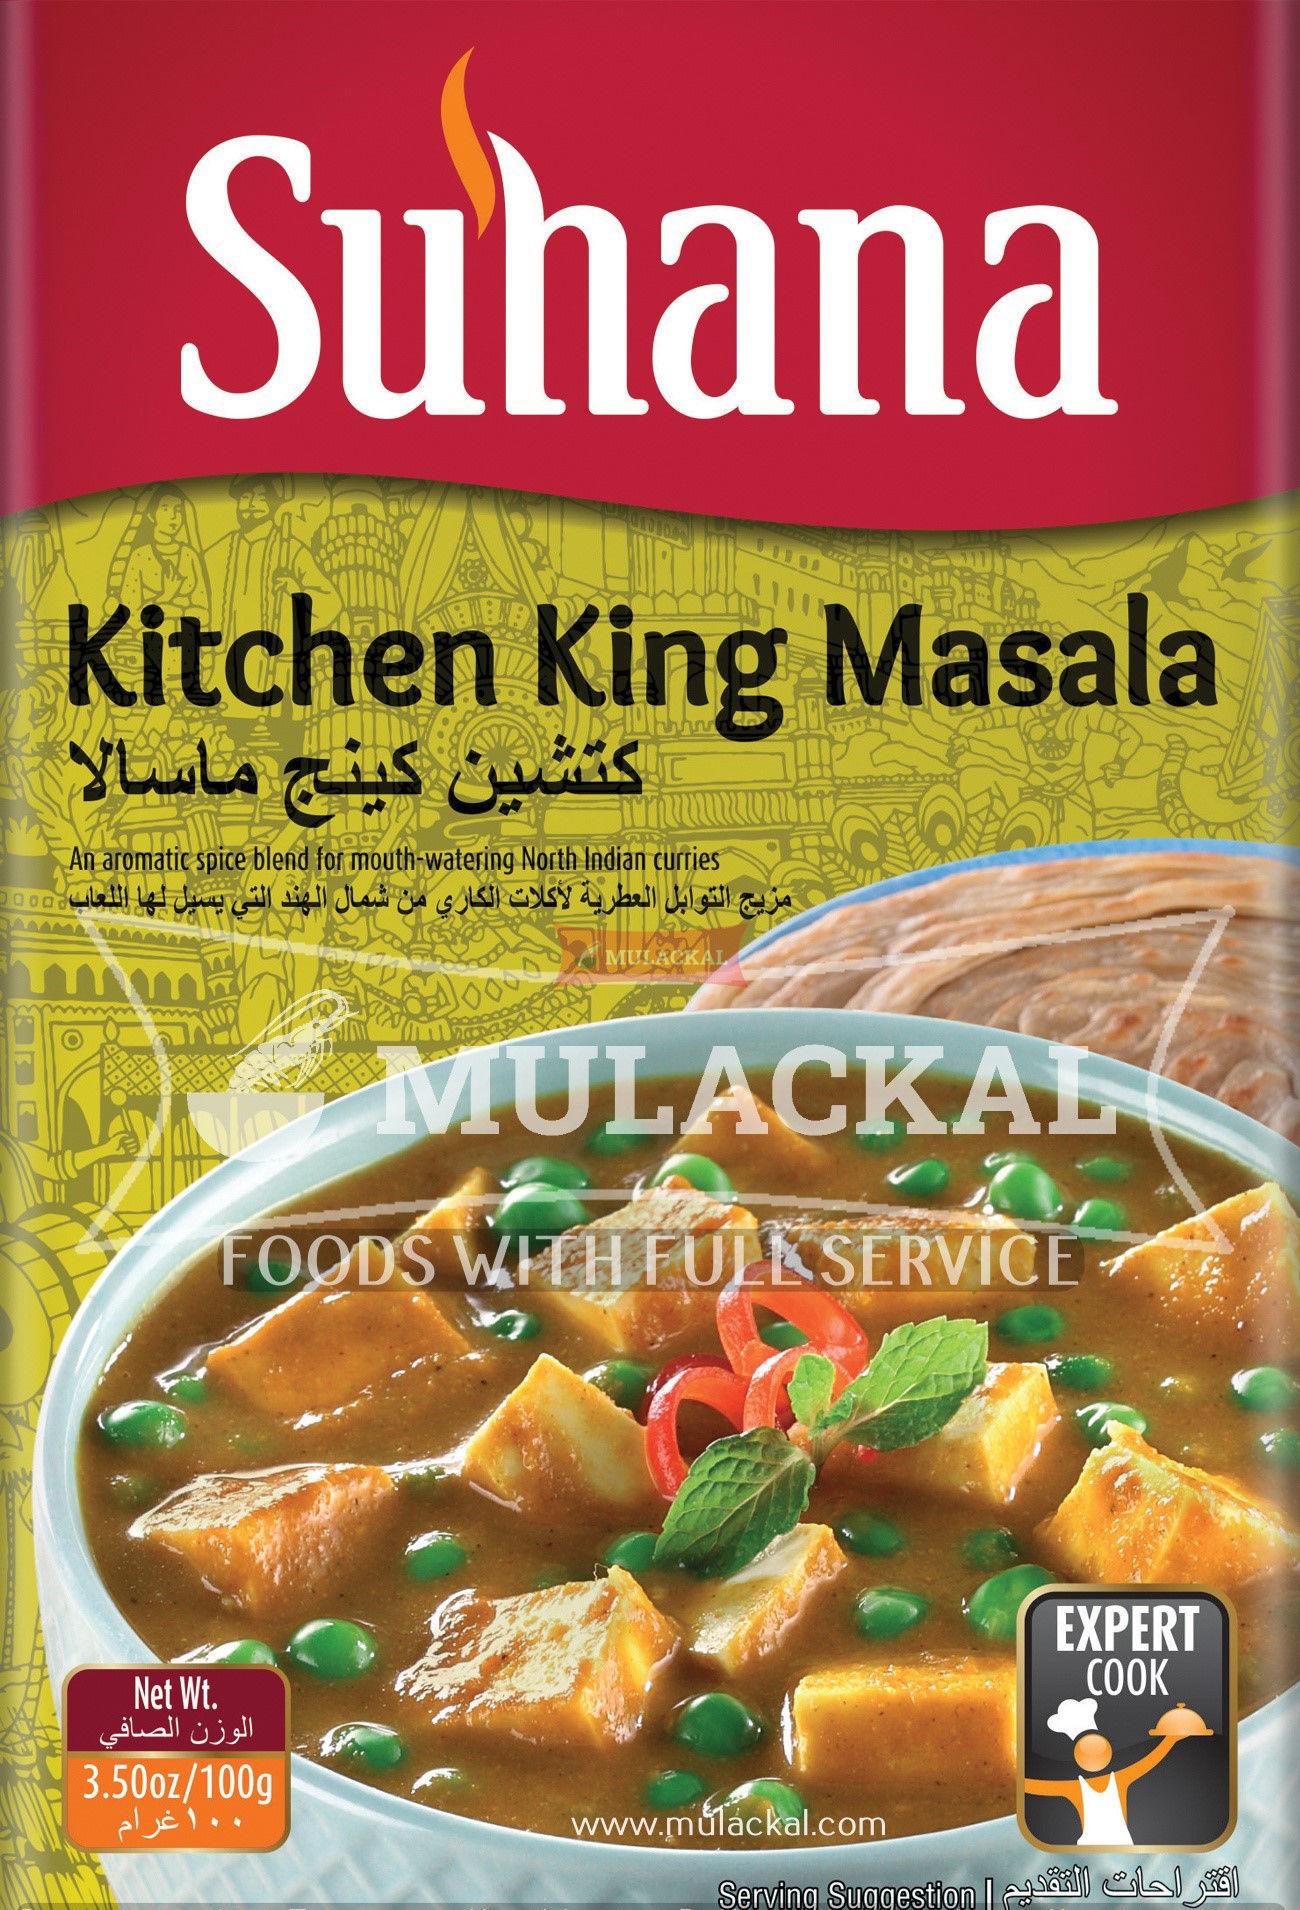 Mulackal Suhana Kitchen King Masala 10x100g